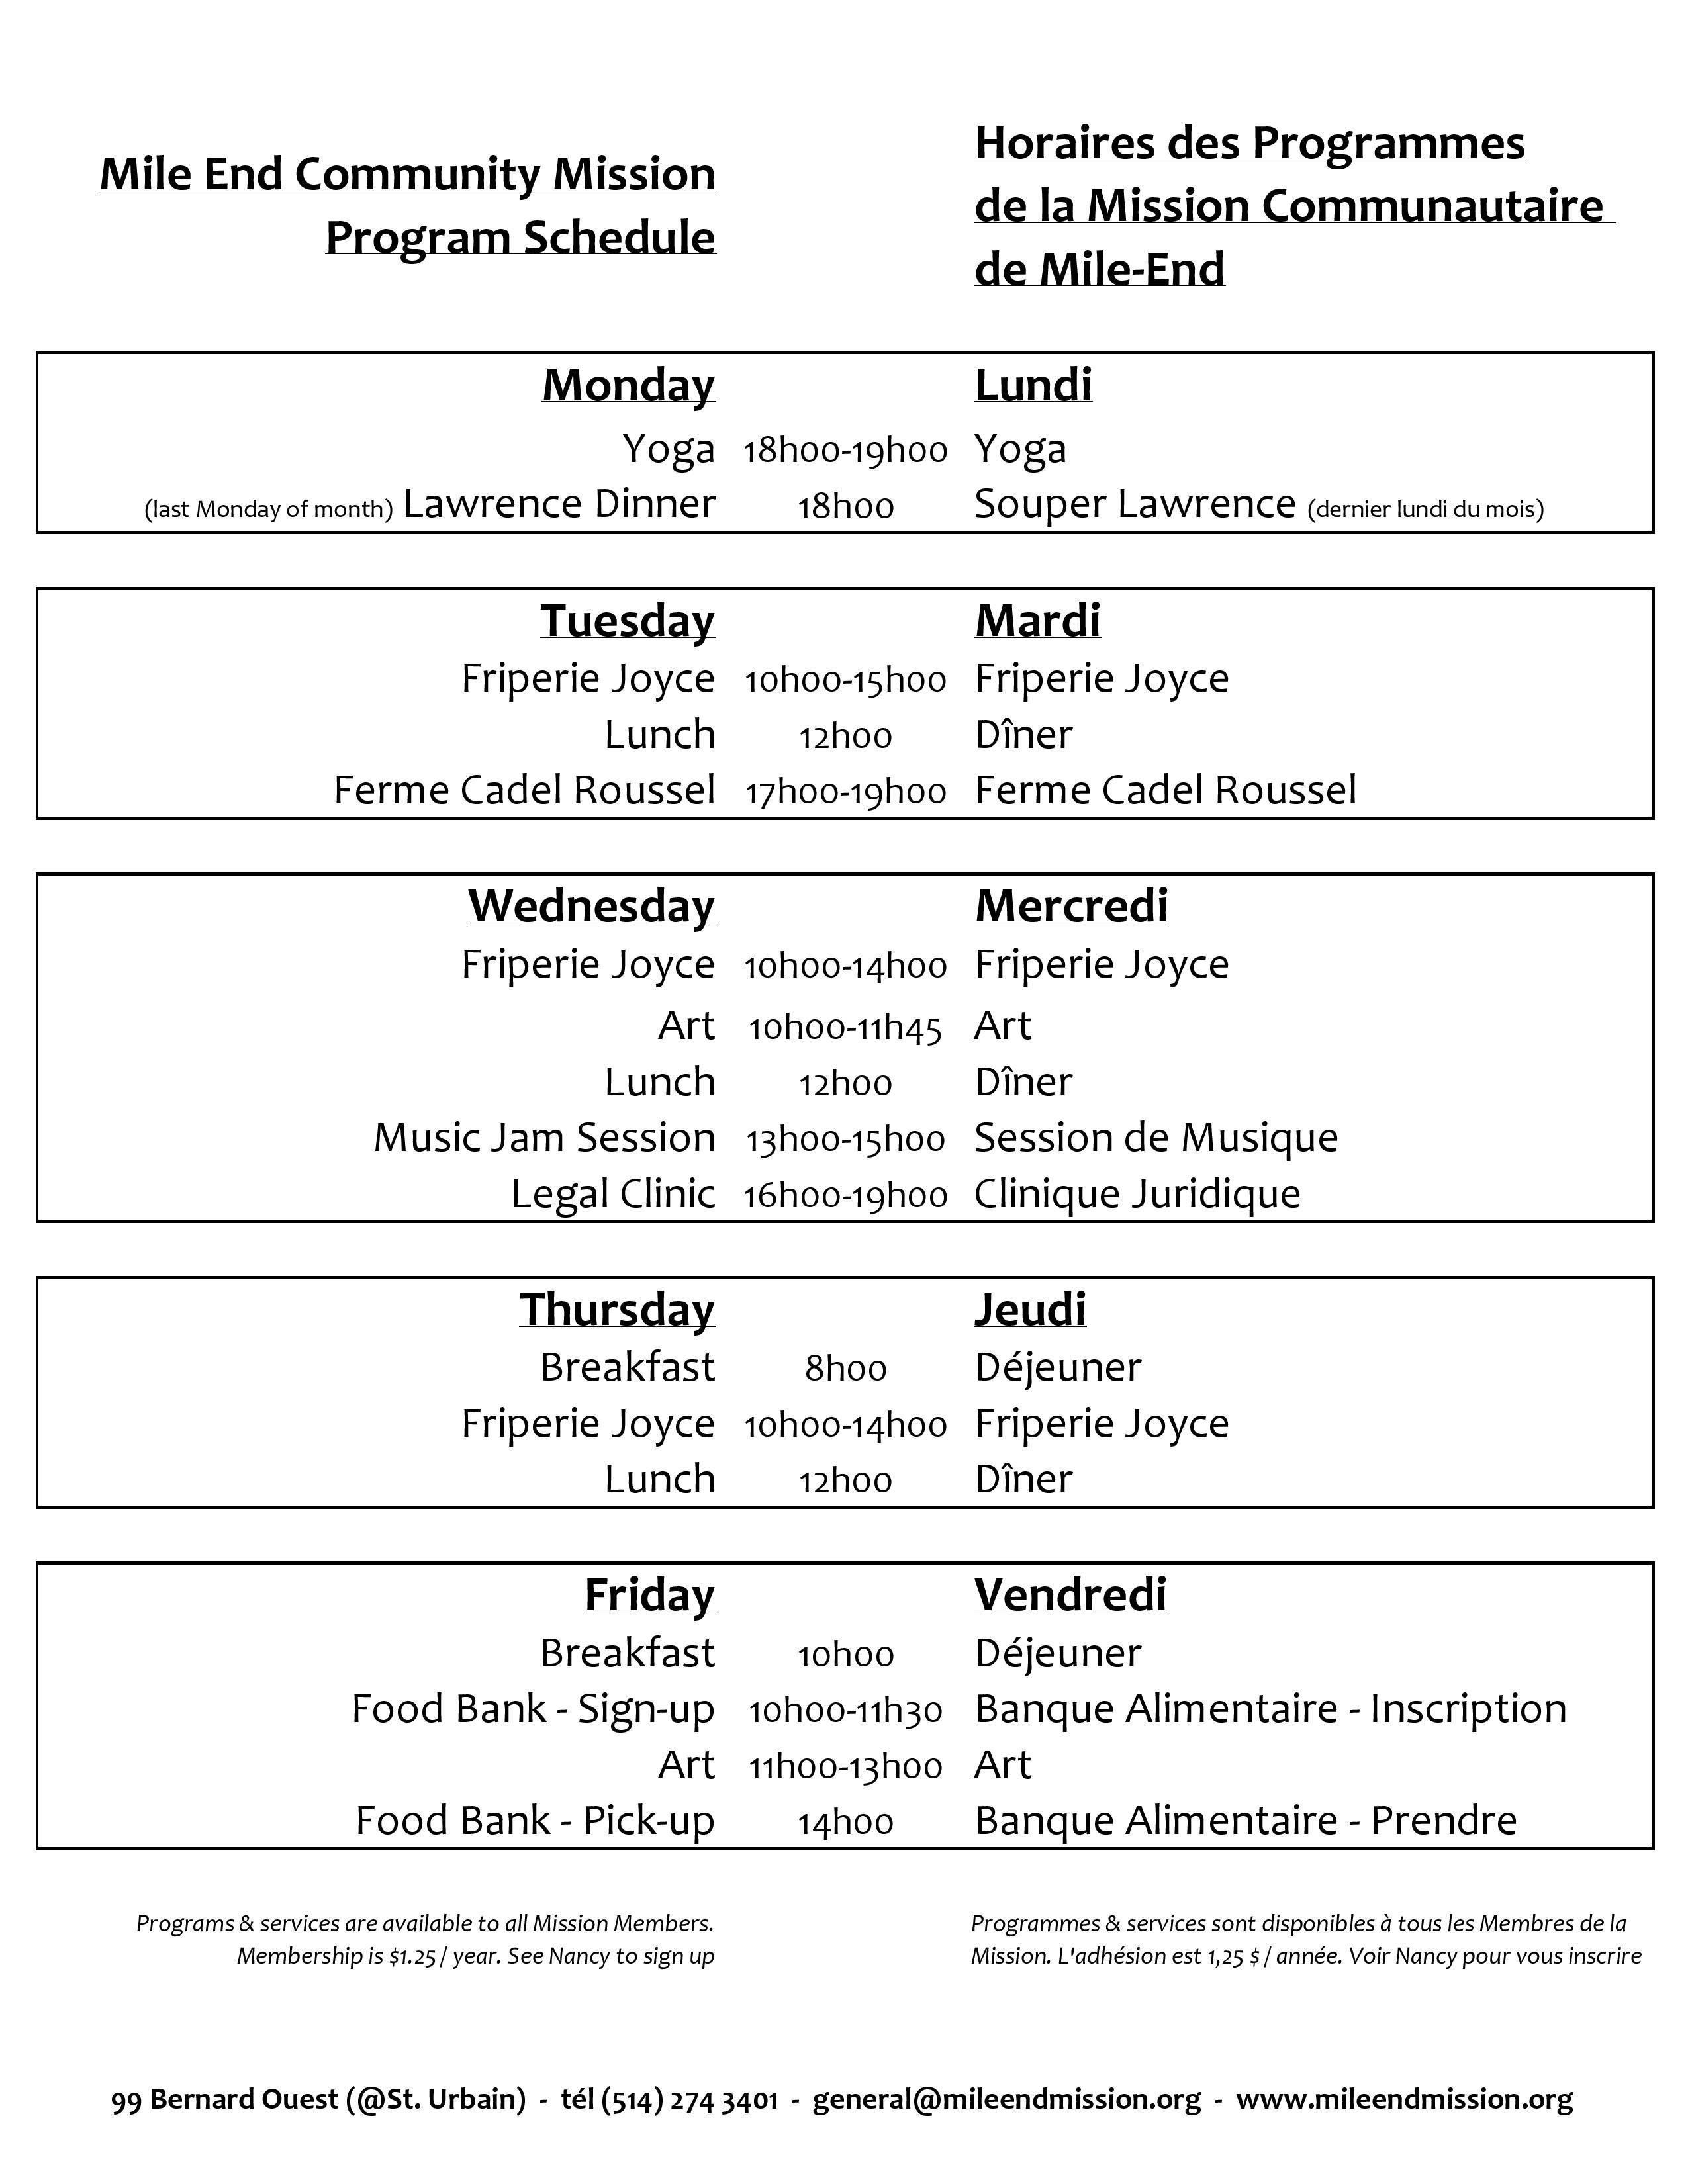 Mission Program Schedule 2016